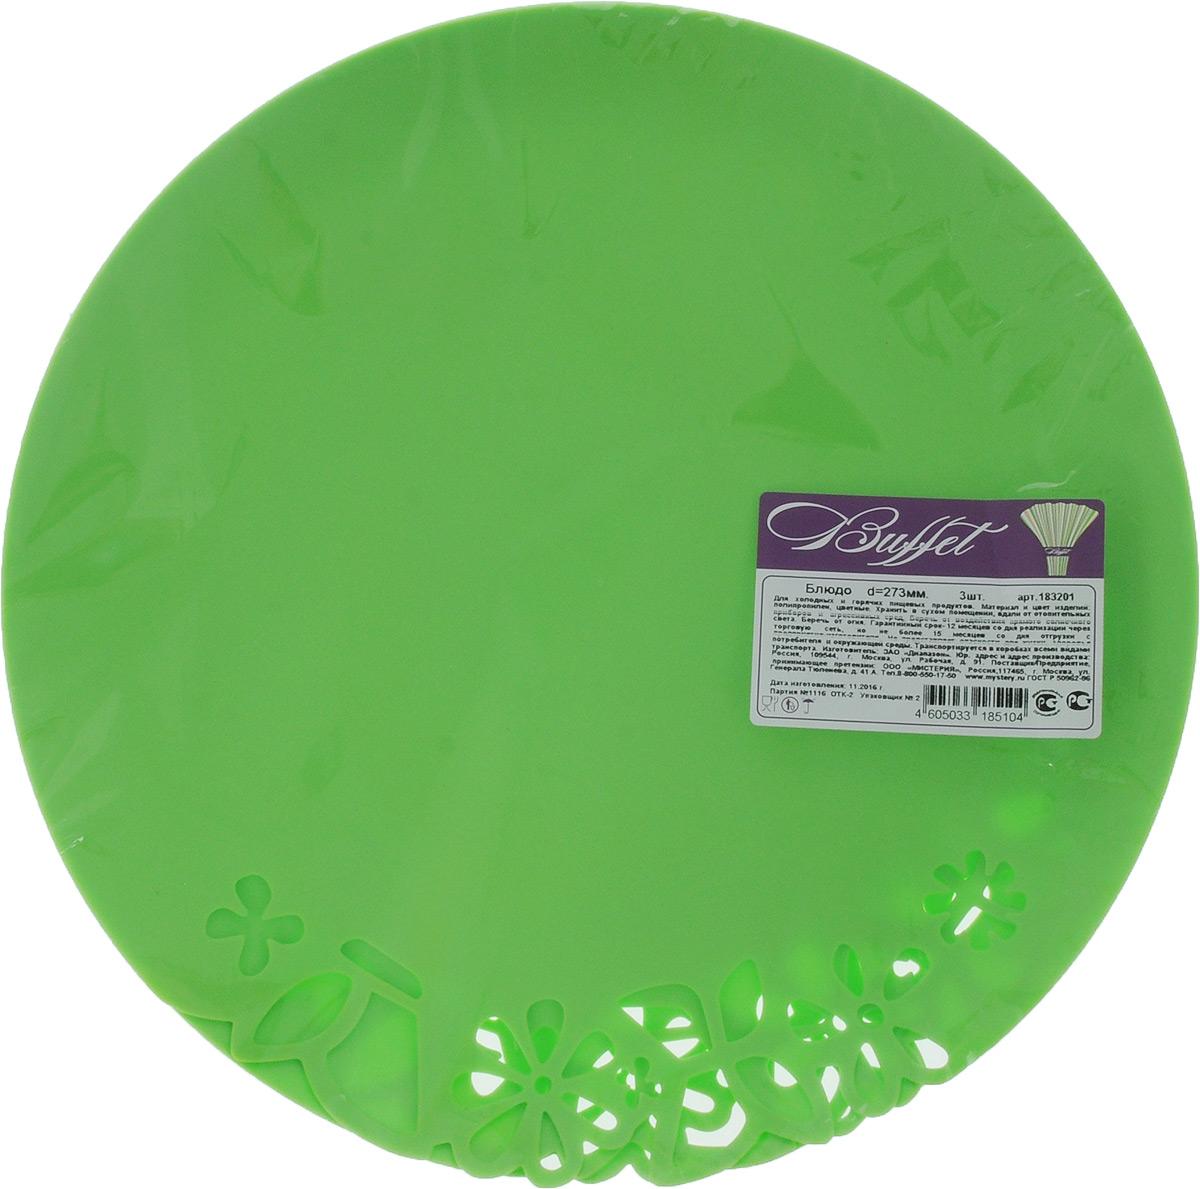 Набор тарелок Buffet, цвет: зеленый, диаметр 27,3 см, 3 шт183201_зеленыйНабор Buffet состоит из трех тарелок, оформленных декоративной перфорацией. Изделия, изготовленные из высококачественной полипропилена, сочетают в себе изысканный дизайн с максимальной функциональностью. Тарелки предназначены для холодных и горячих (до +70°С) продуктов. Такие тарелки незаменимы в поездках на природу и на пикниках. Диаметр тарелки: 27,3 см. Высота стенки: 1,5 см.